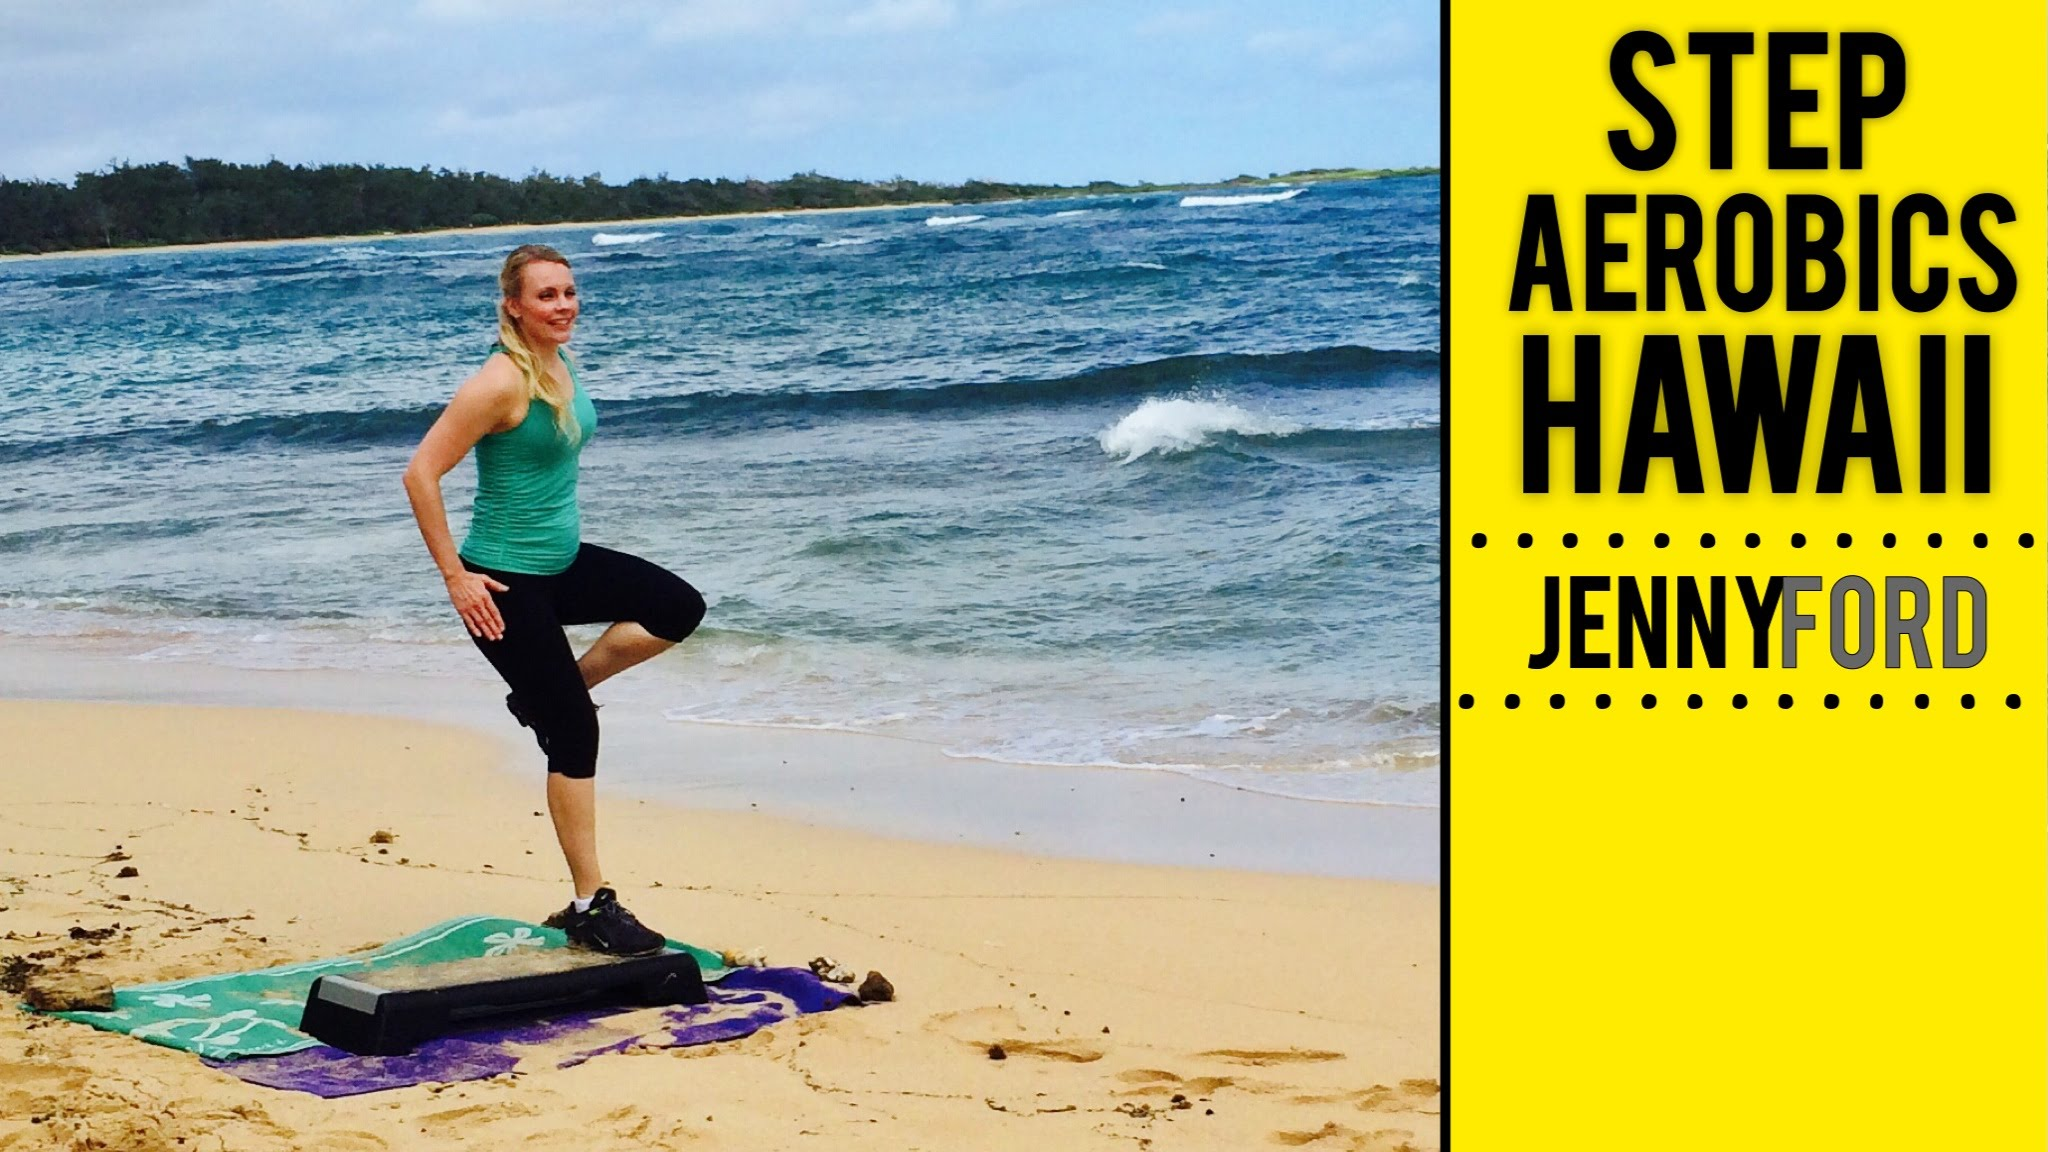 Step Aerobics in Hawaii — Jenny Ford